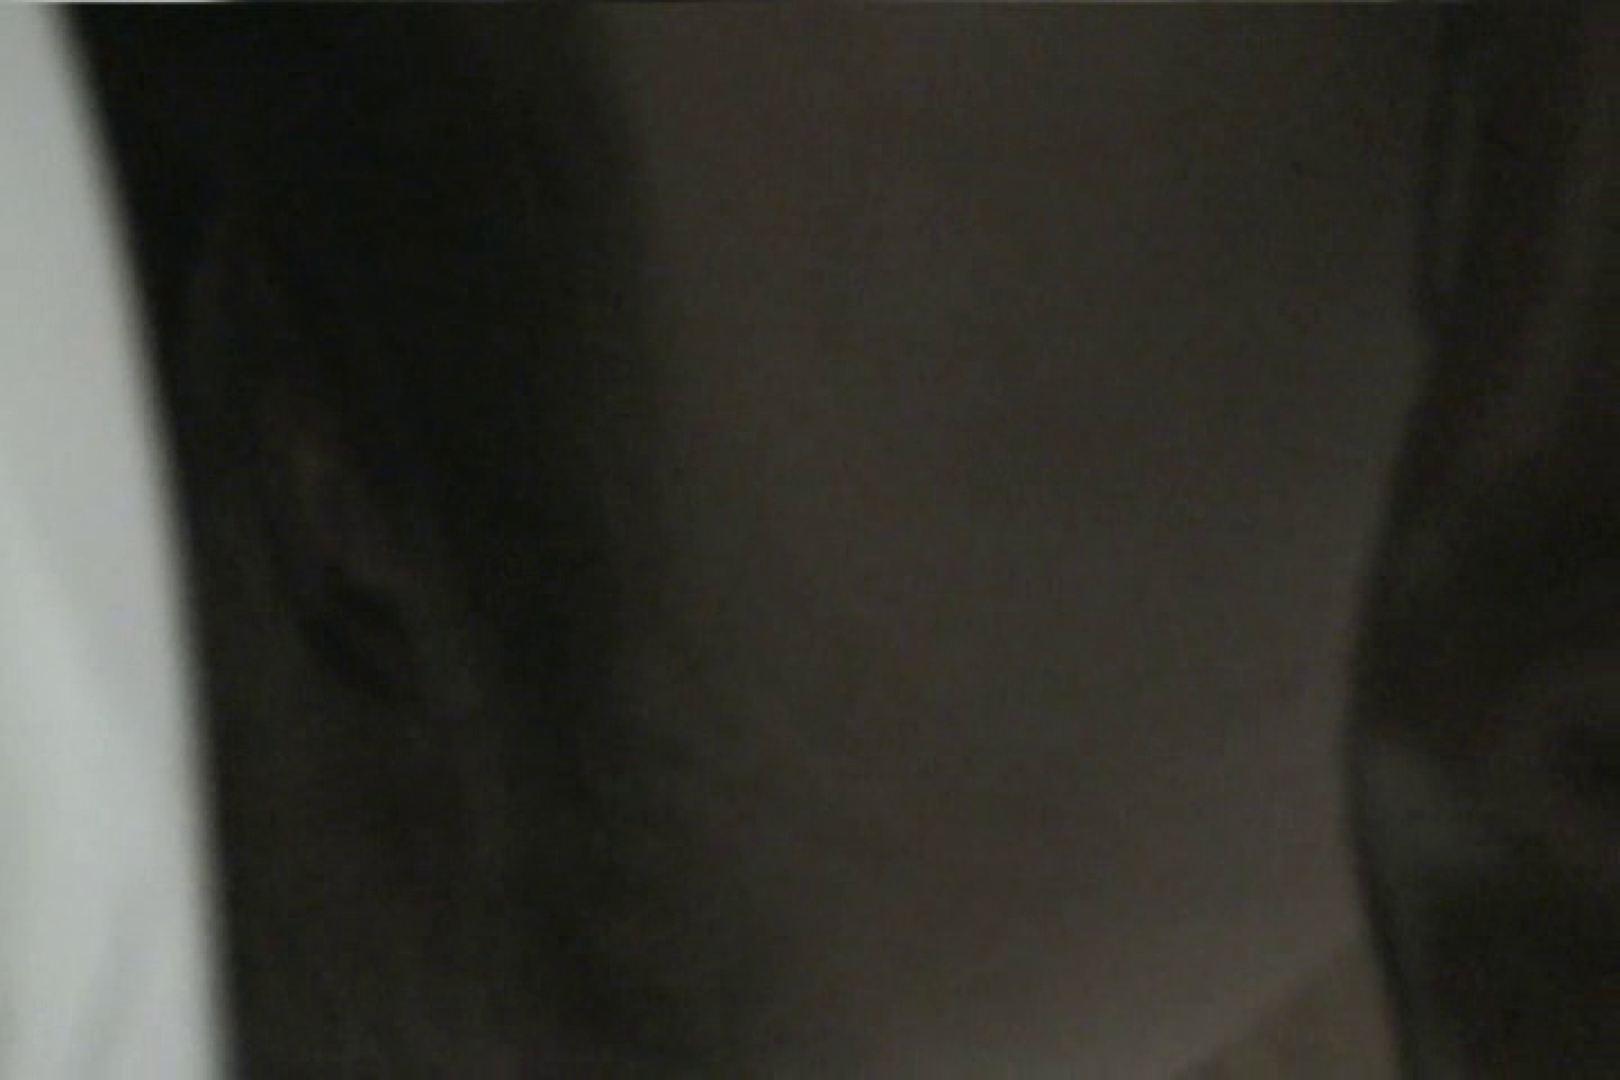 マンコ丸見え女子洗面所Vol.31 丸見え 盗撮ヌード画像 91画像 31